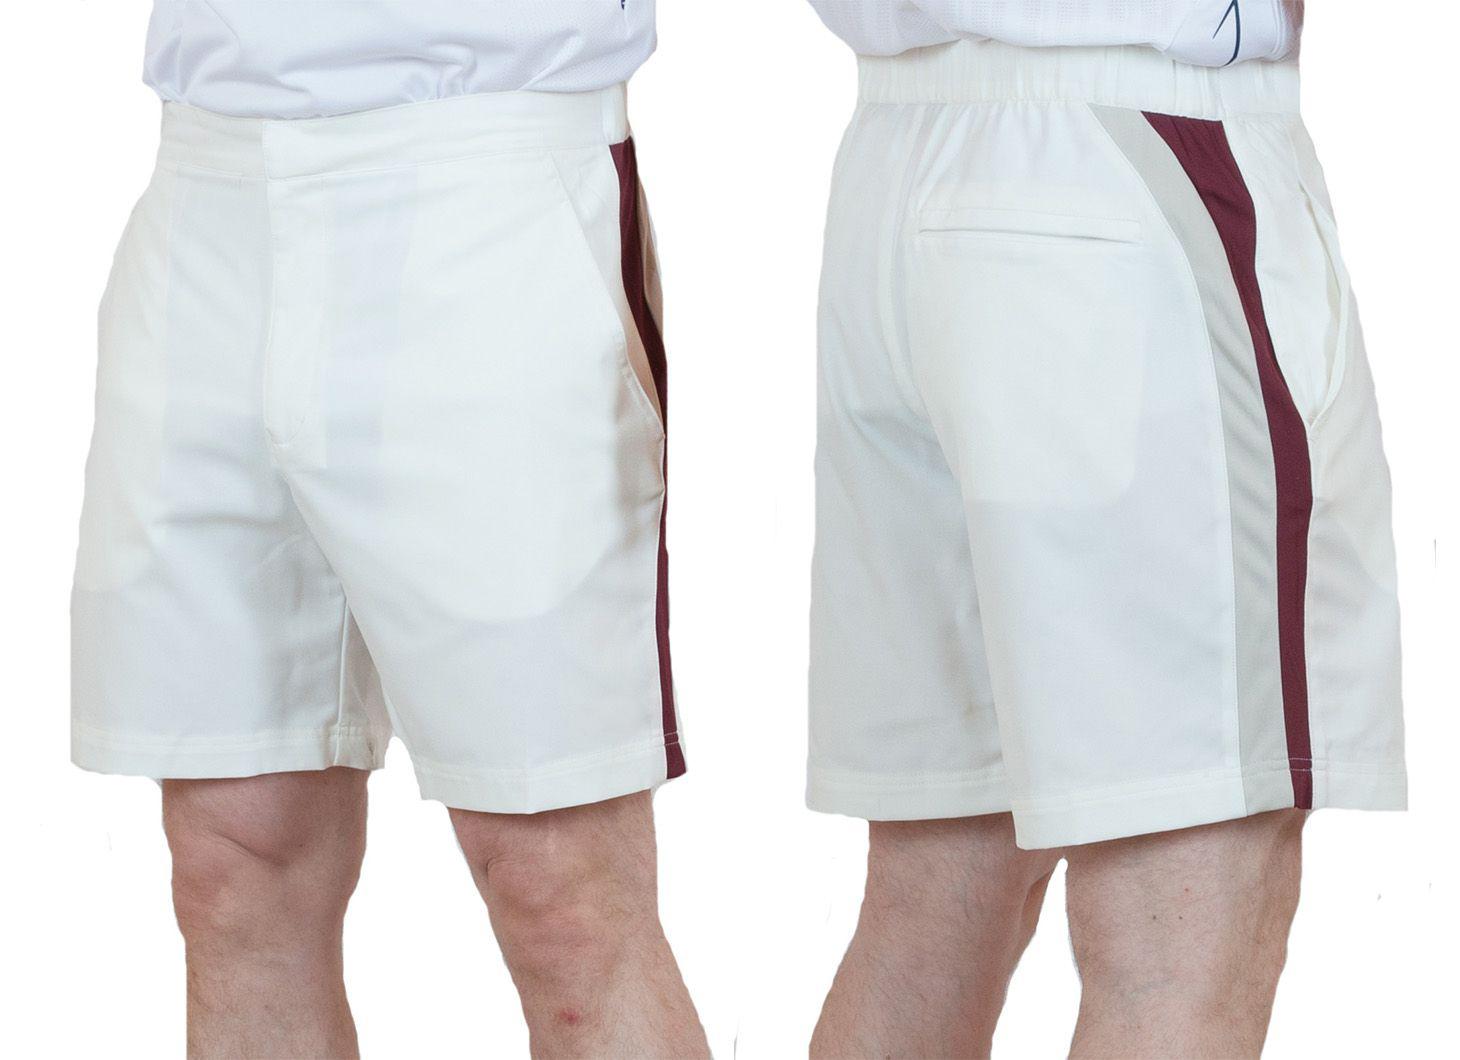 Заказать мужские теннисные шорты белого цвета